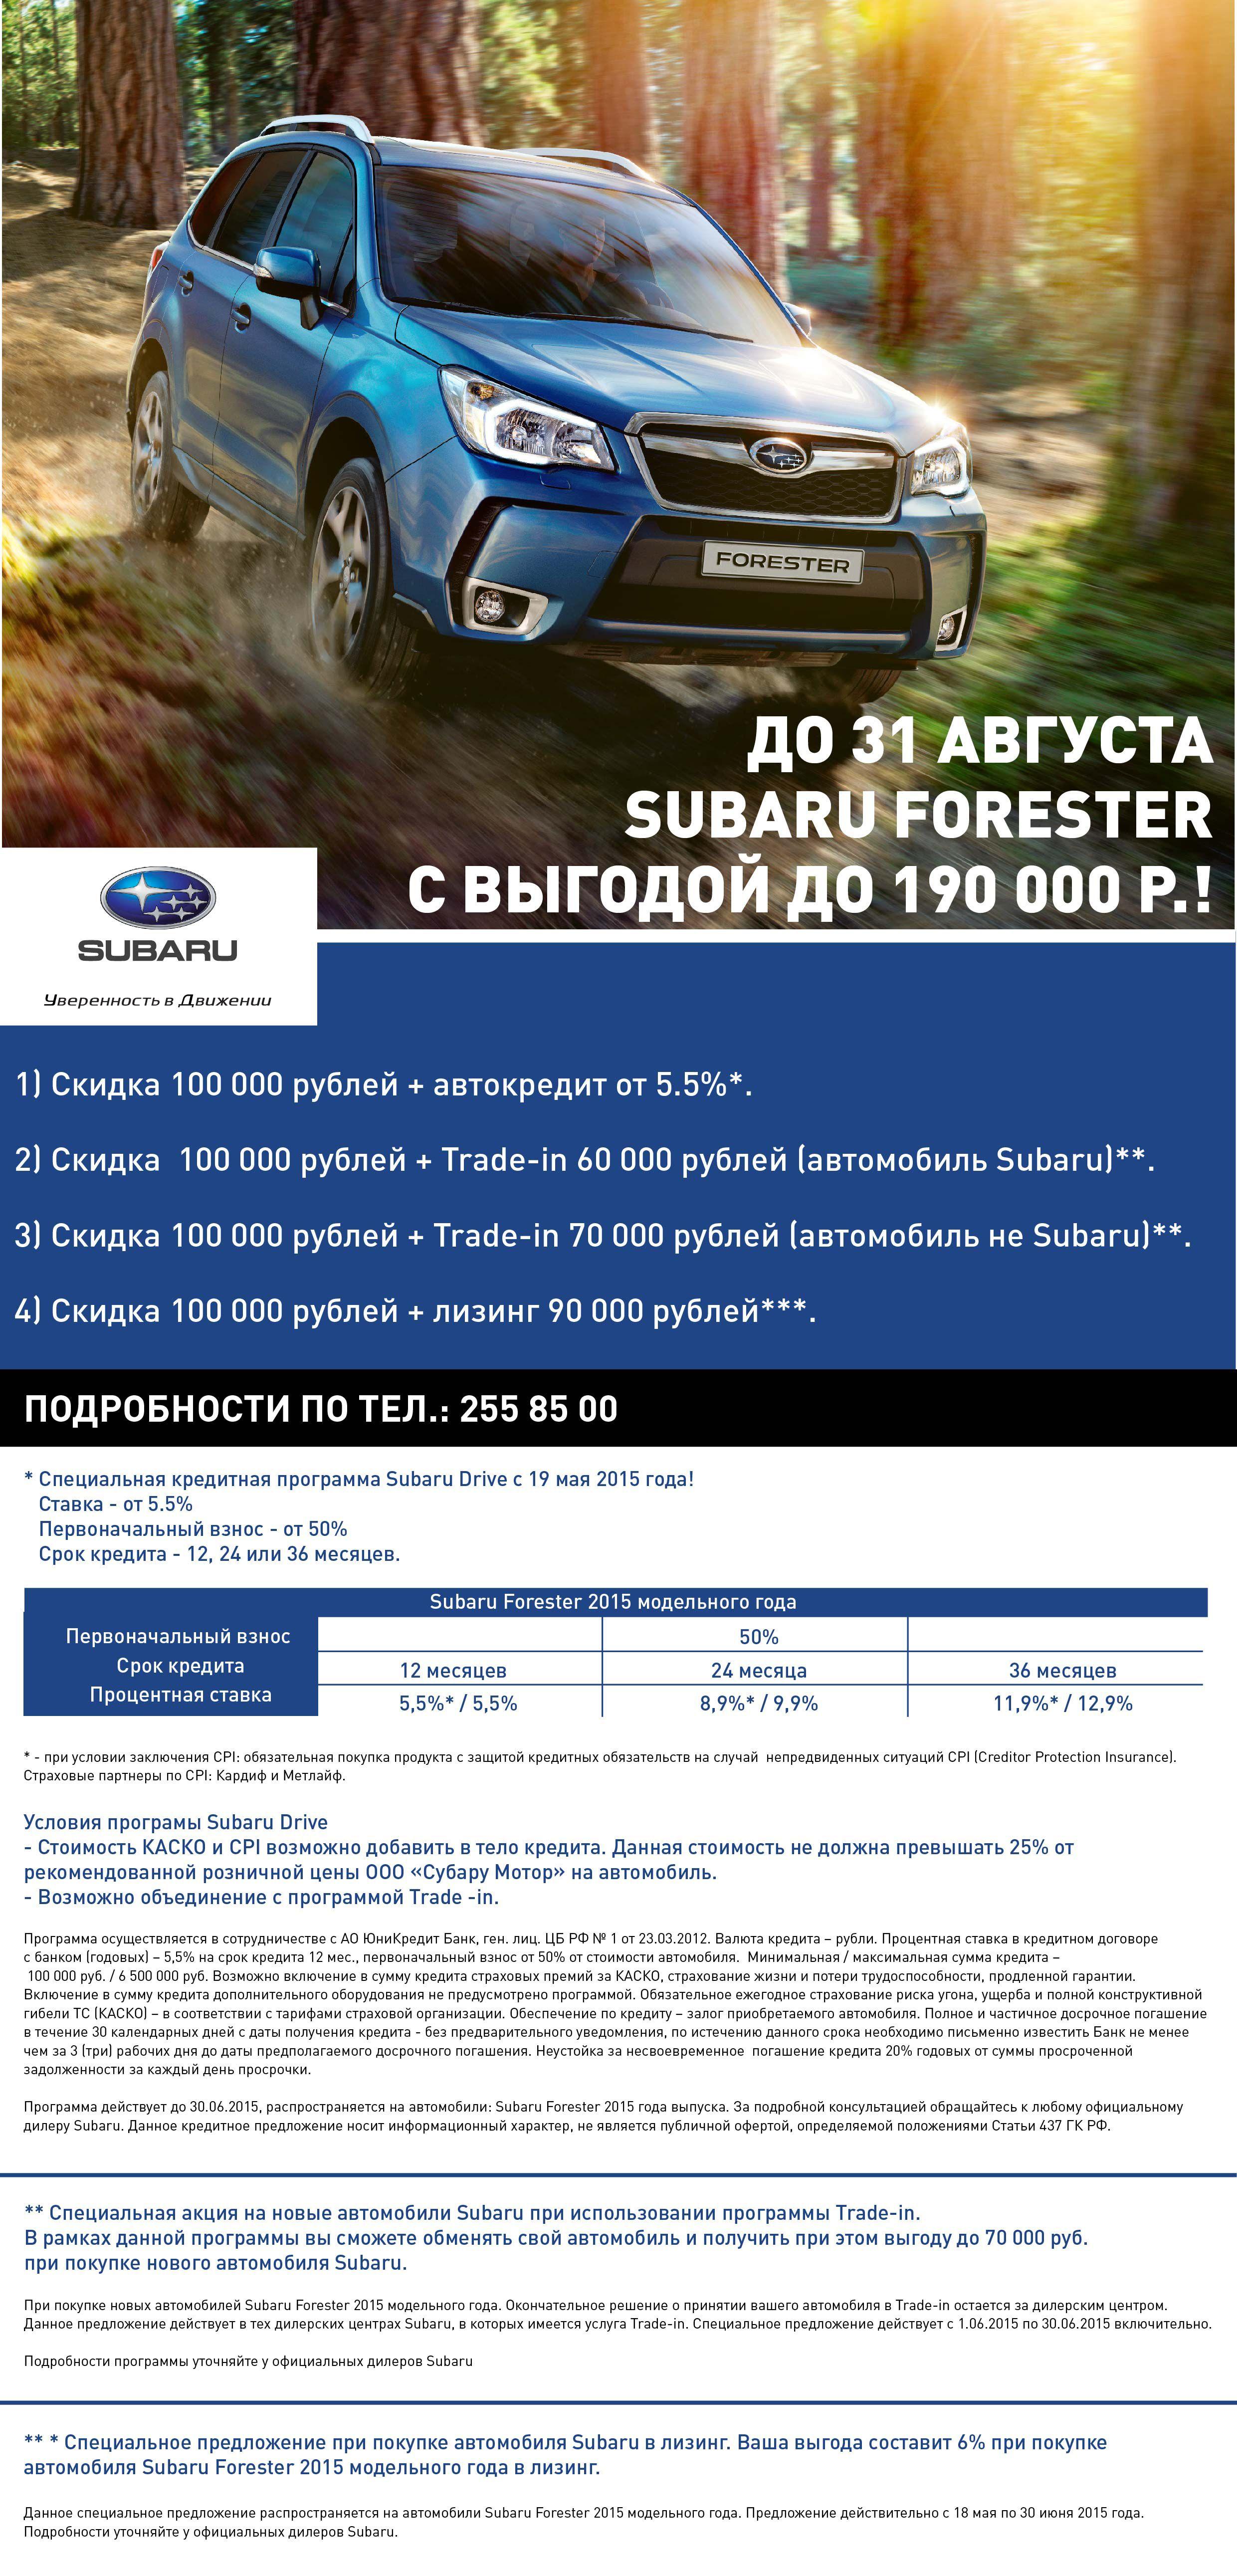 Subaru Forester с выгодогой до 190 000 рублей